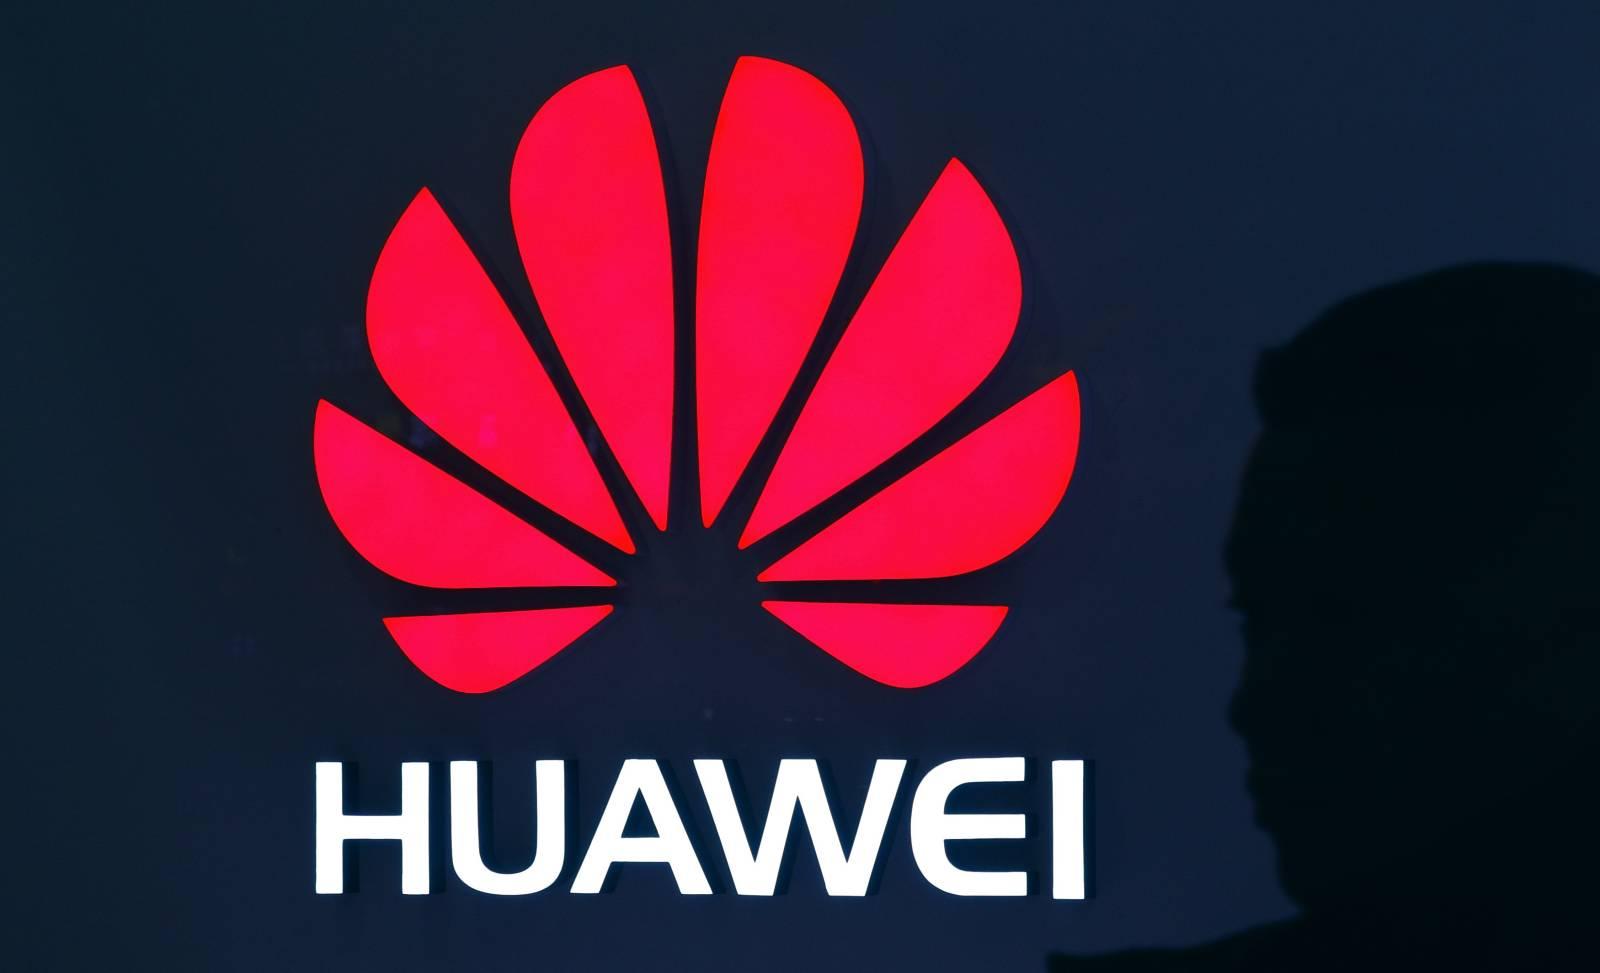 Huawei 5g eliminat